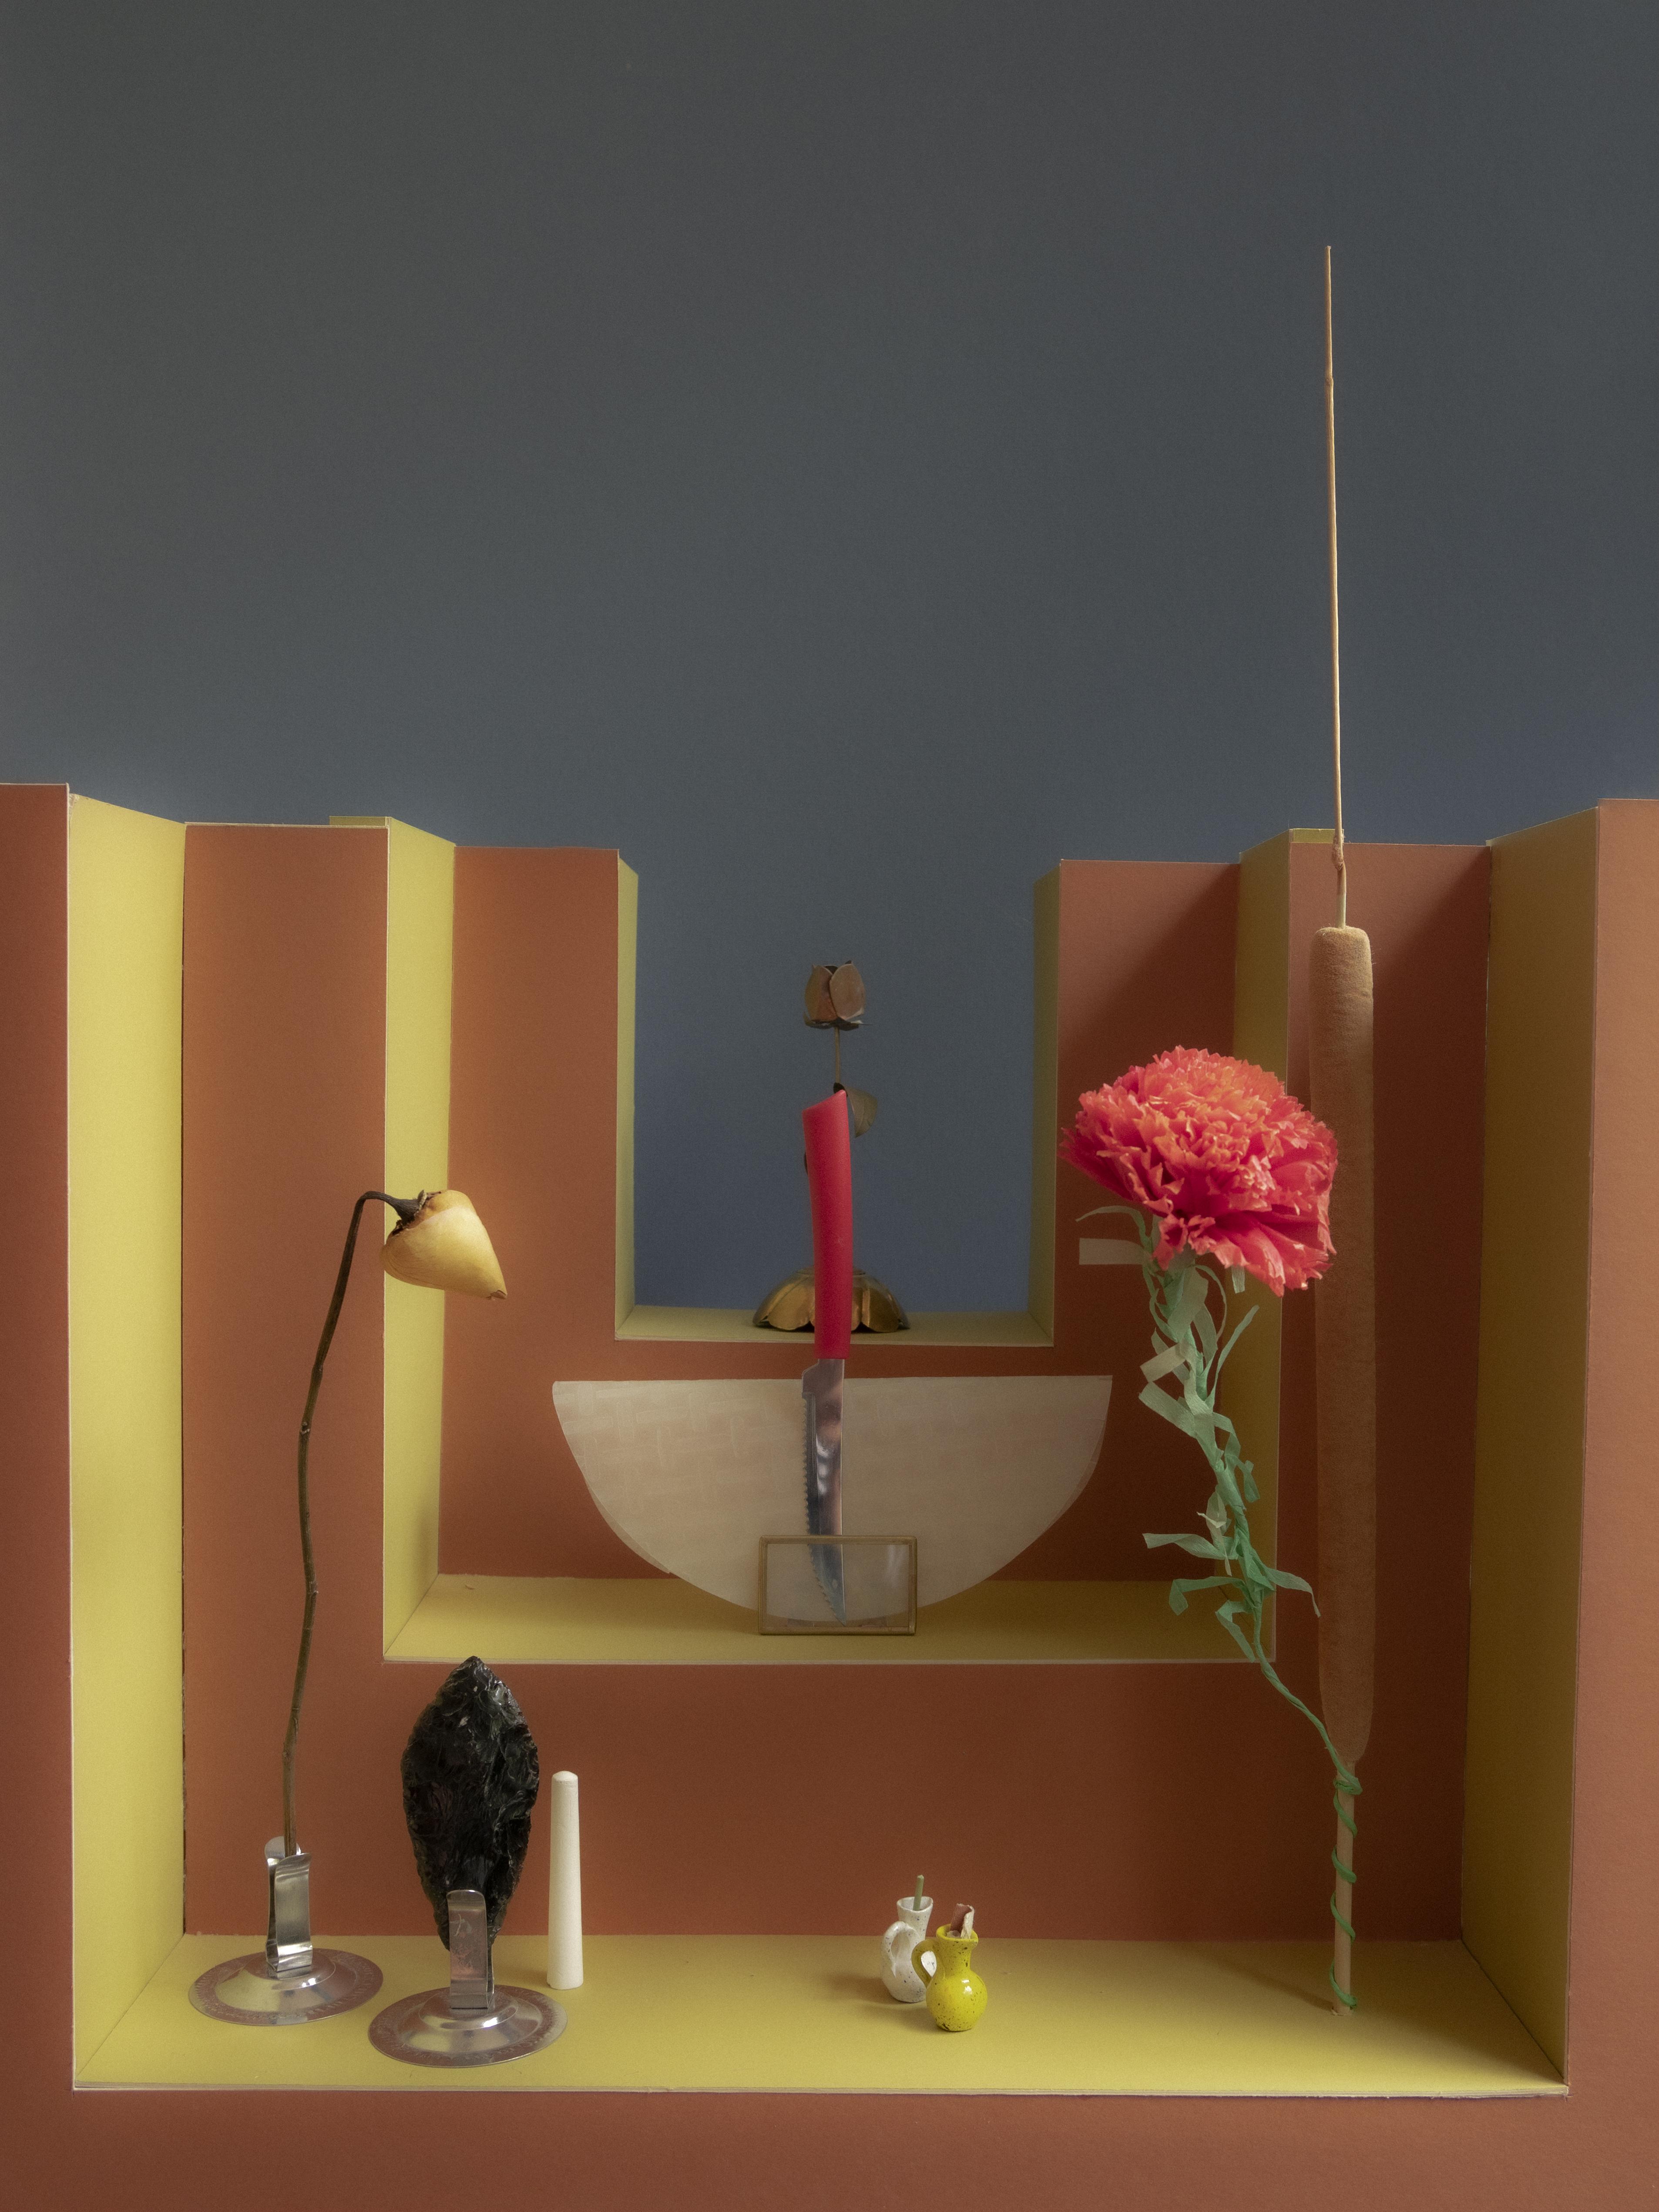 רוני עמיאל, הדפסת דיו פיגמנטית, 2018,